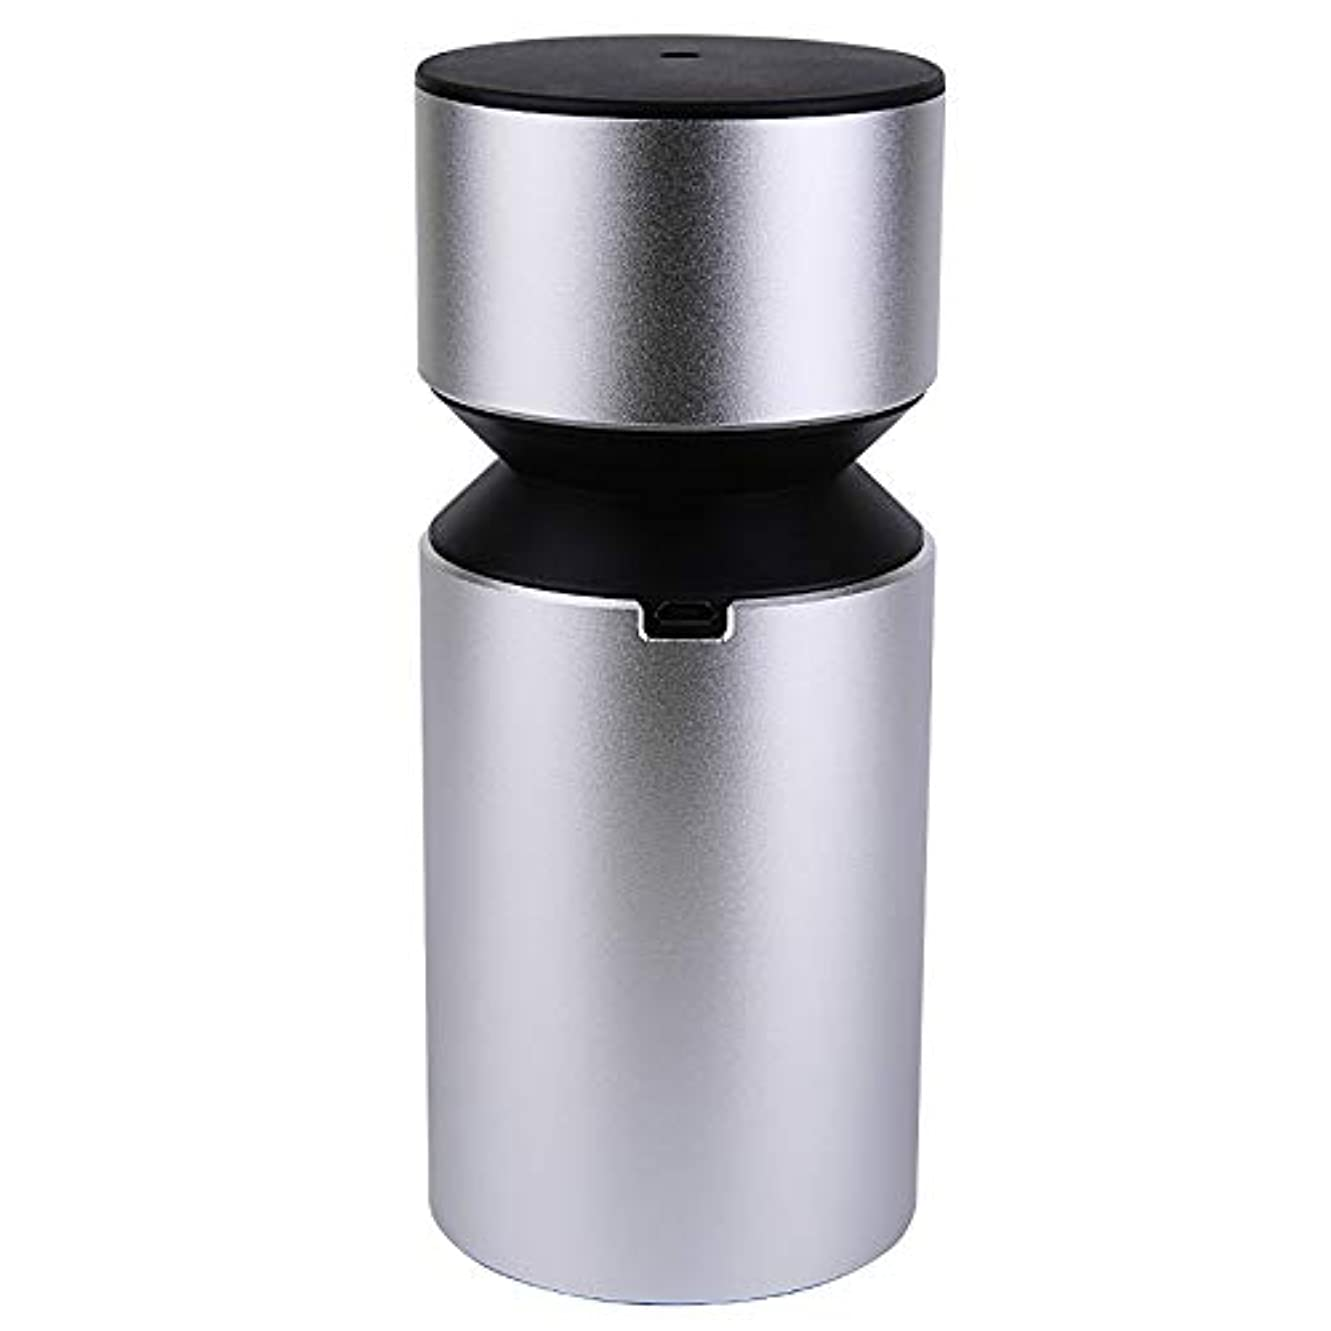 続ける介入するゆりかごアロマディフューザー 車載用 ネブライザー式 充電式 静音 精油瓶1個スポイト付きT11-ENS068N (シルバー)